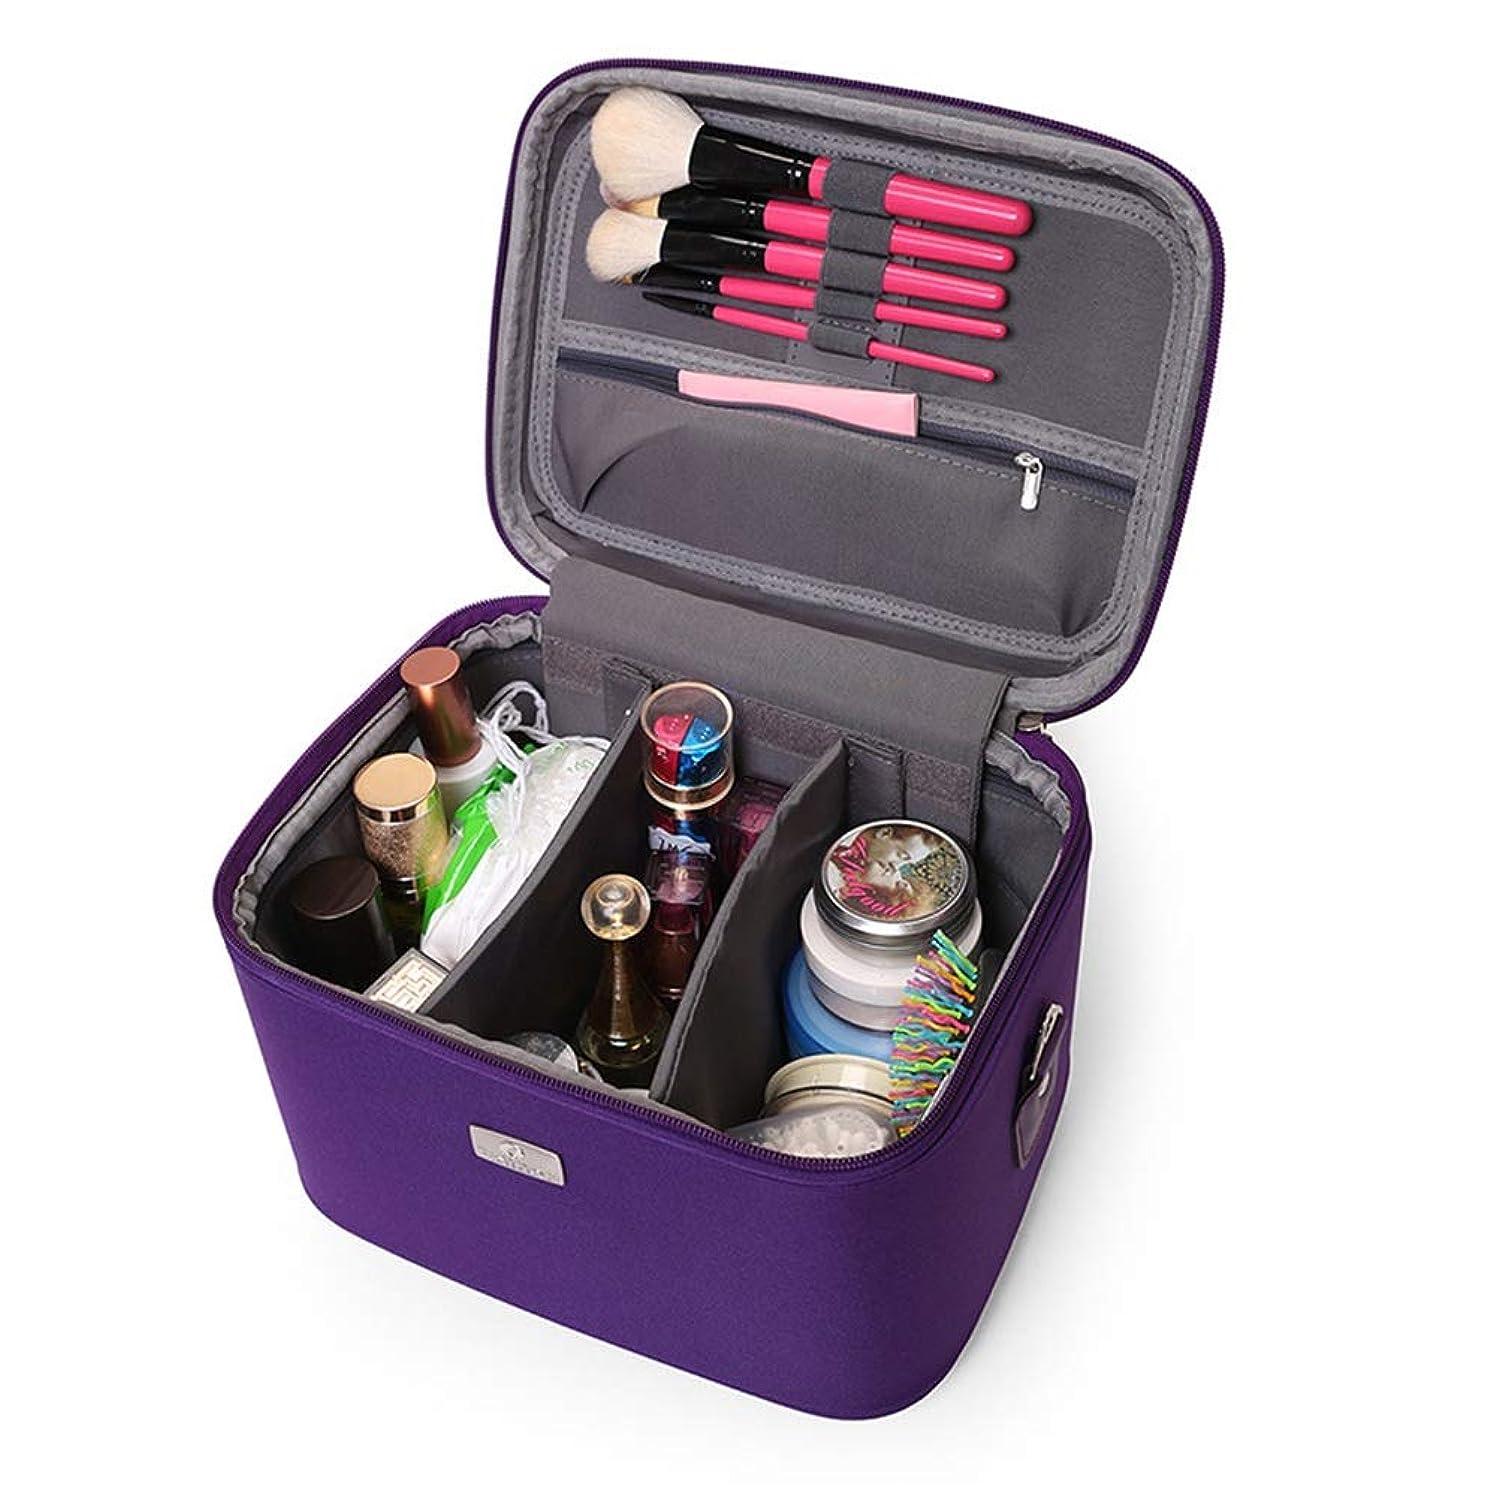 手数料ウィンク音楽を聴く化粧オーガナイザーバッグ 14インチのメイクアップトラベルバッグPUレター防水化粧ケースのティーン女の子の女性アーティスト 化粧品ケース (色 : 紫の)